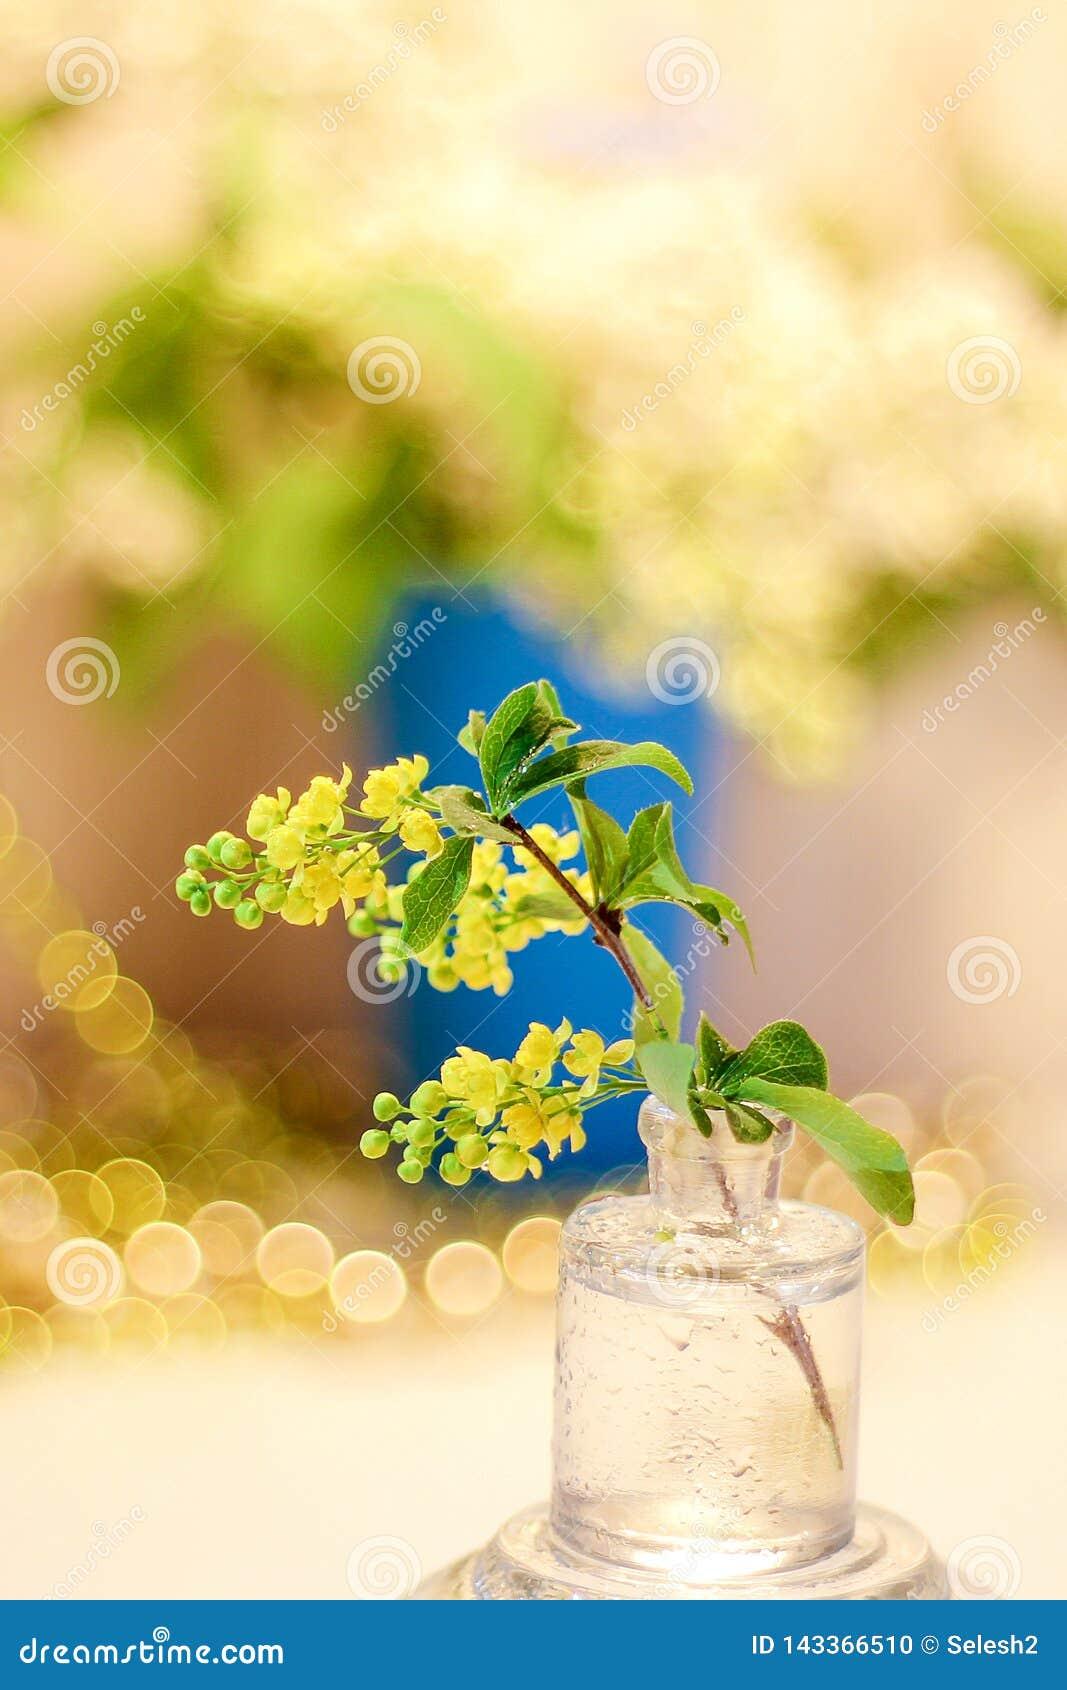 Sprig żółty berberys pospolity w szklanym słoju Bokeh w tle